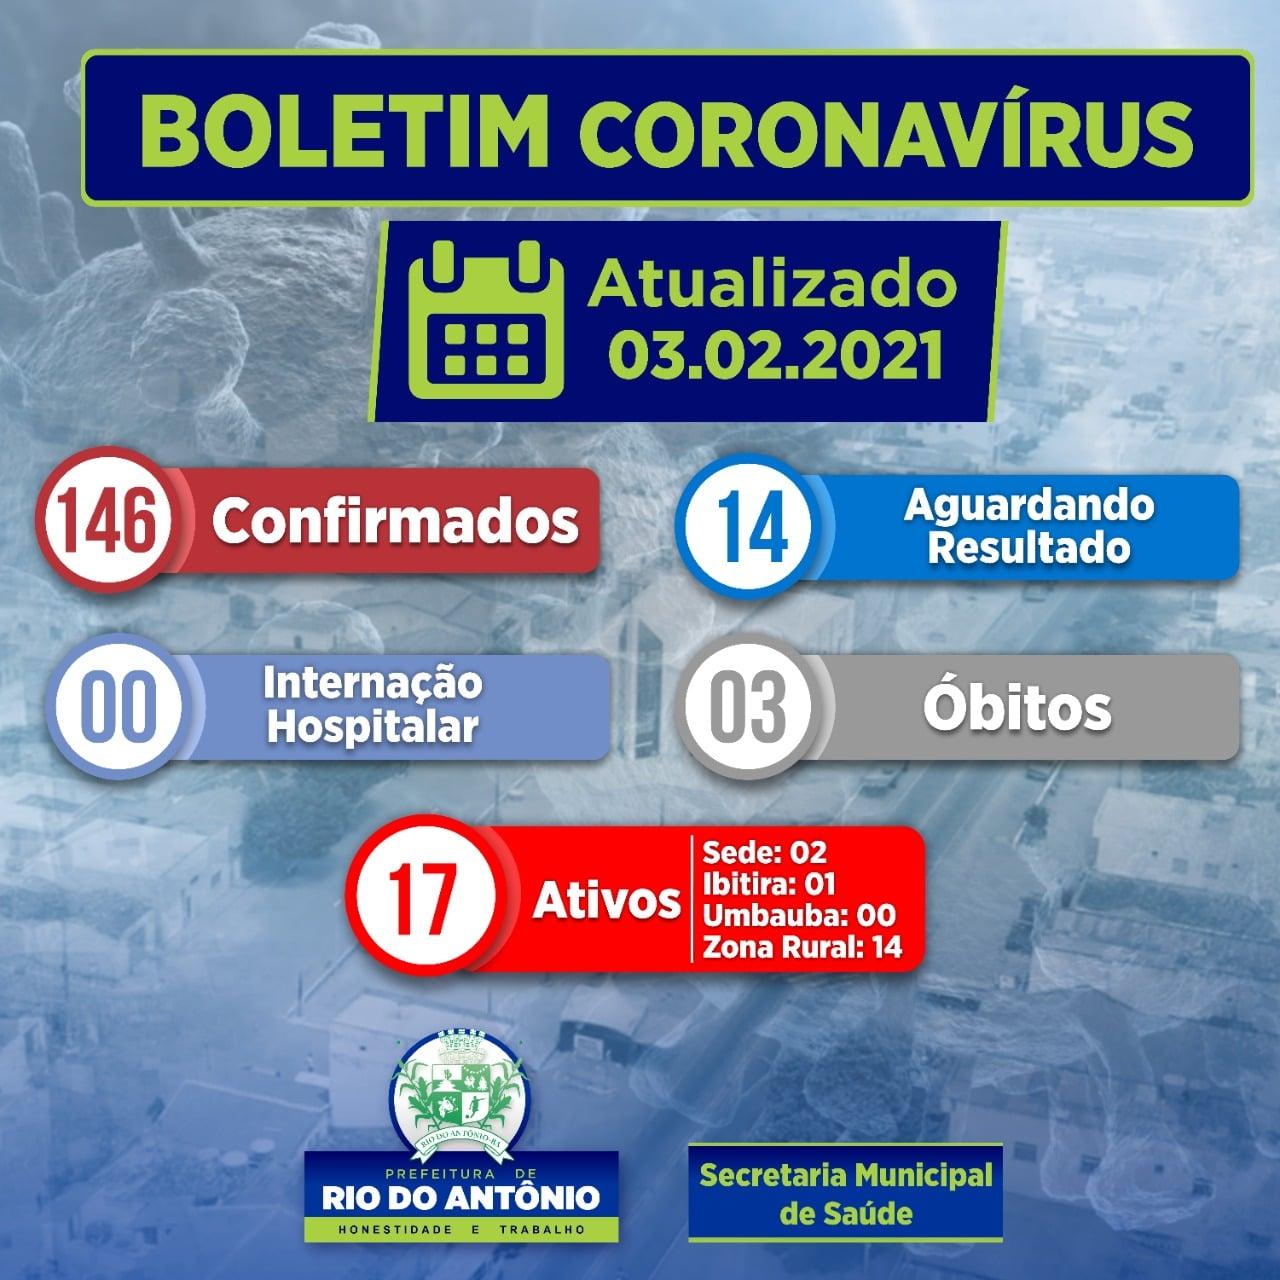 Rio do Antônio registra 17 casos ativos da Covid-19